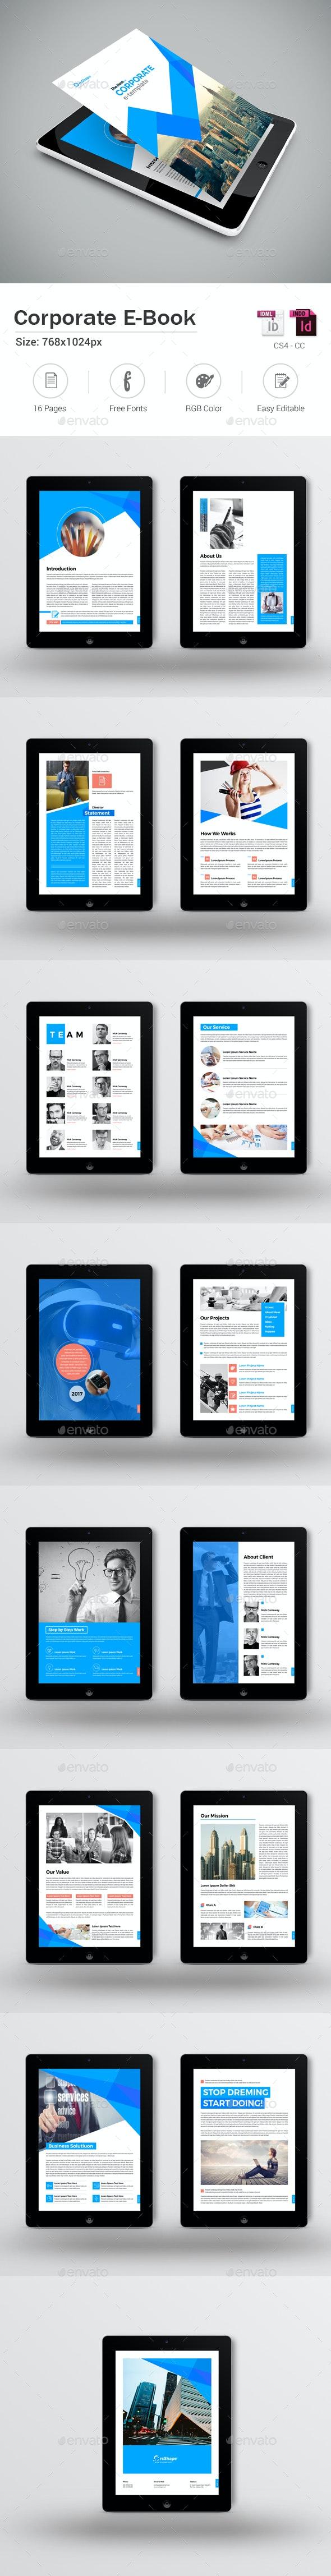 Corporate Ebook - ePublishing